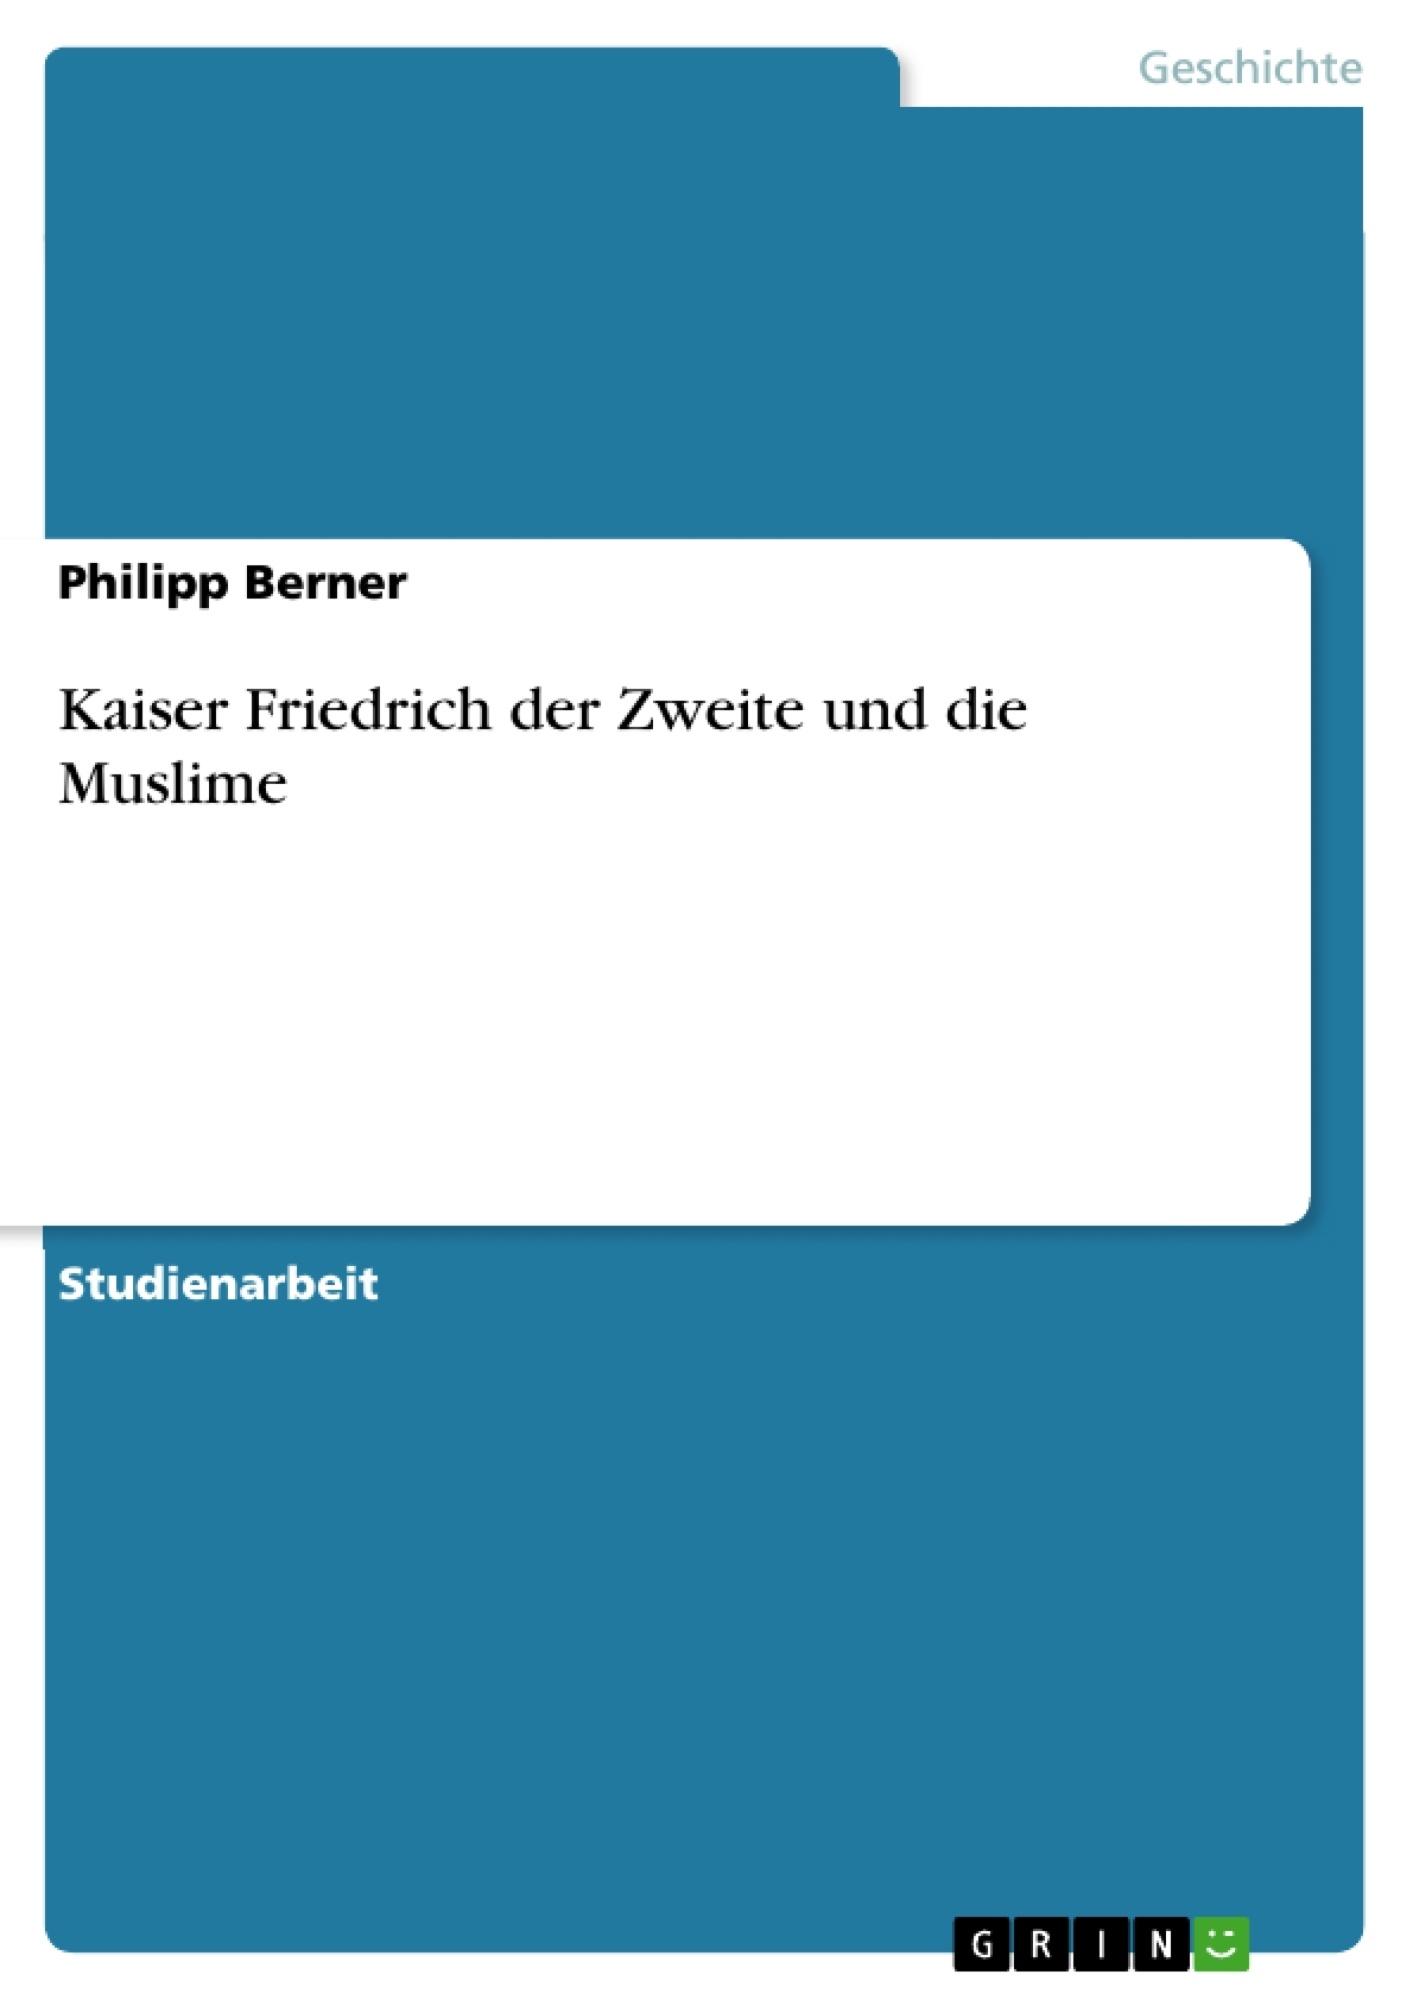 Titel: Kaiser Friedrich der Zweite und die Muslime